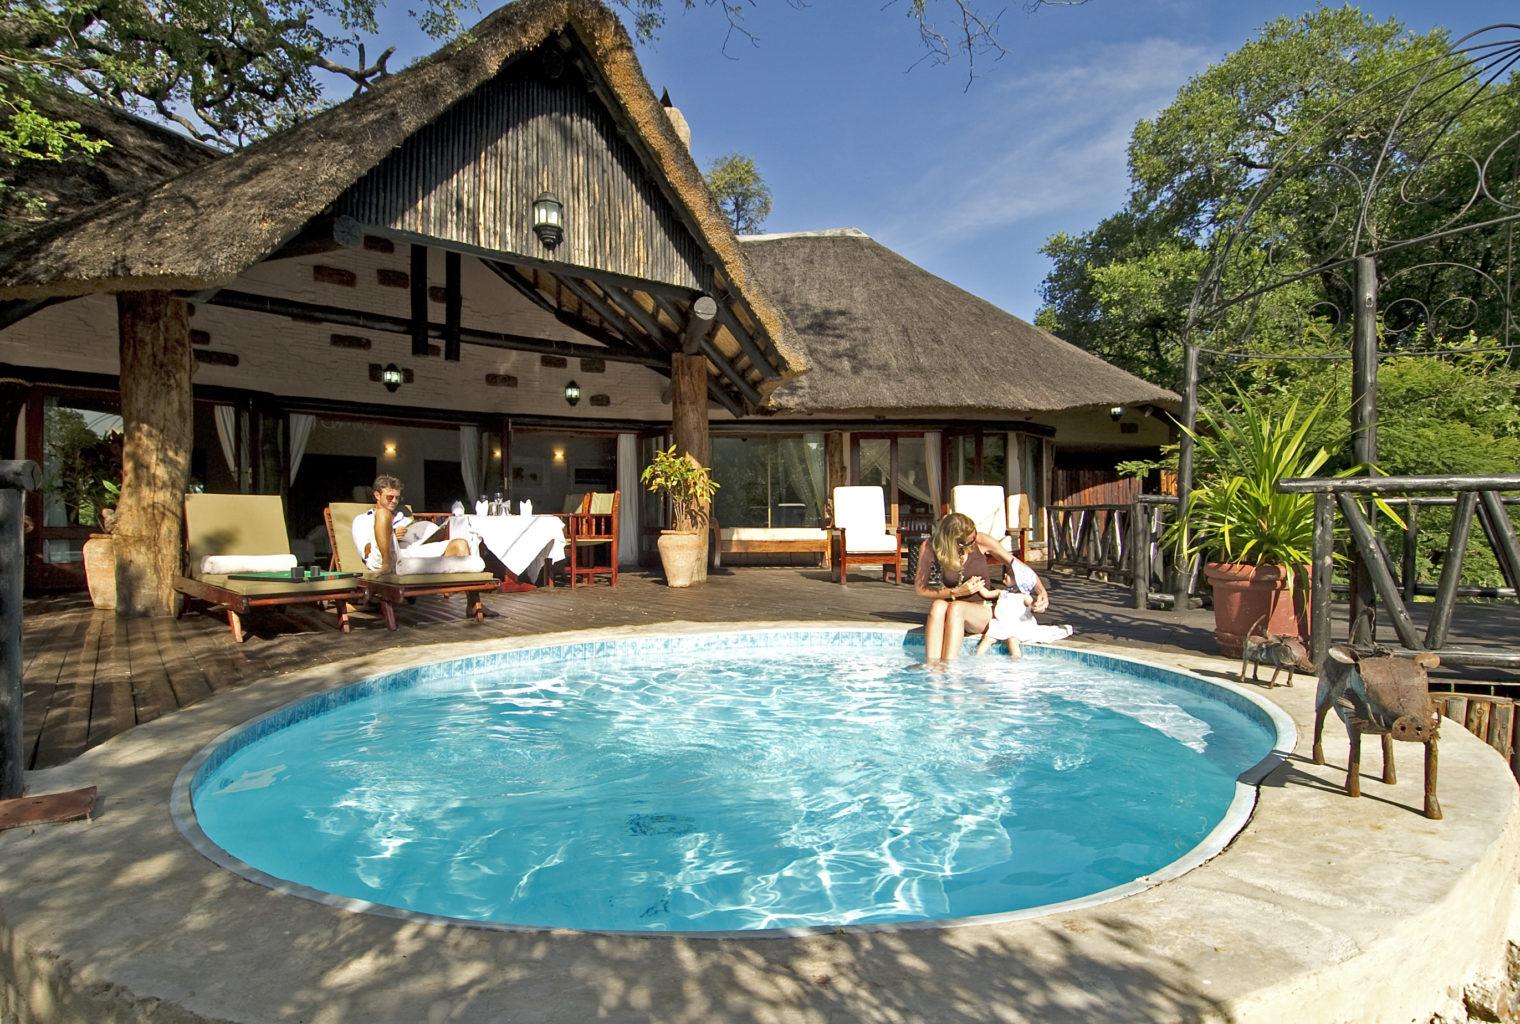 Sussi-and-chuma-zambia-pool